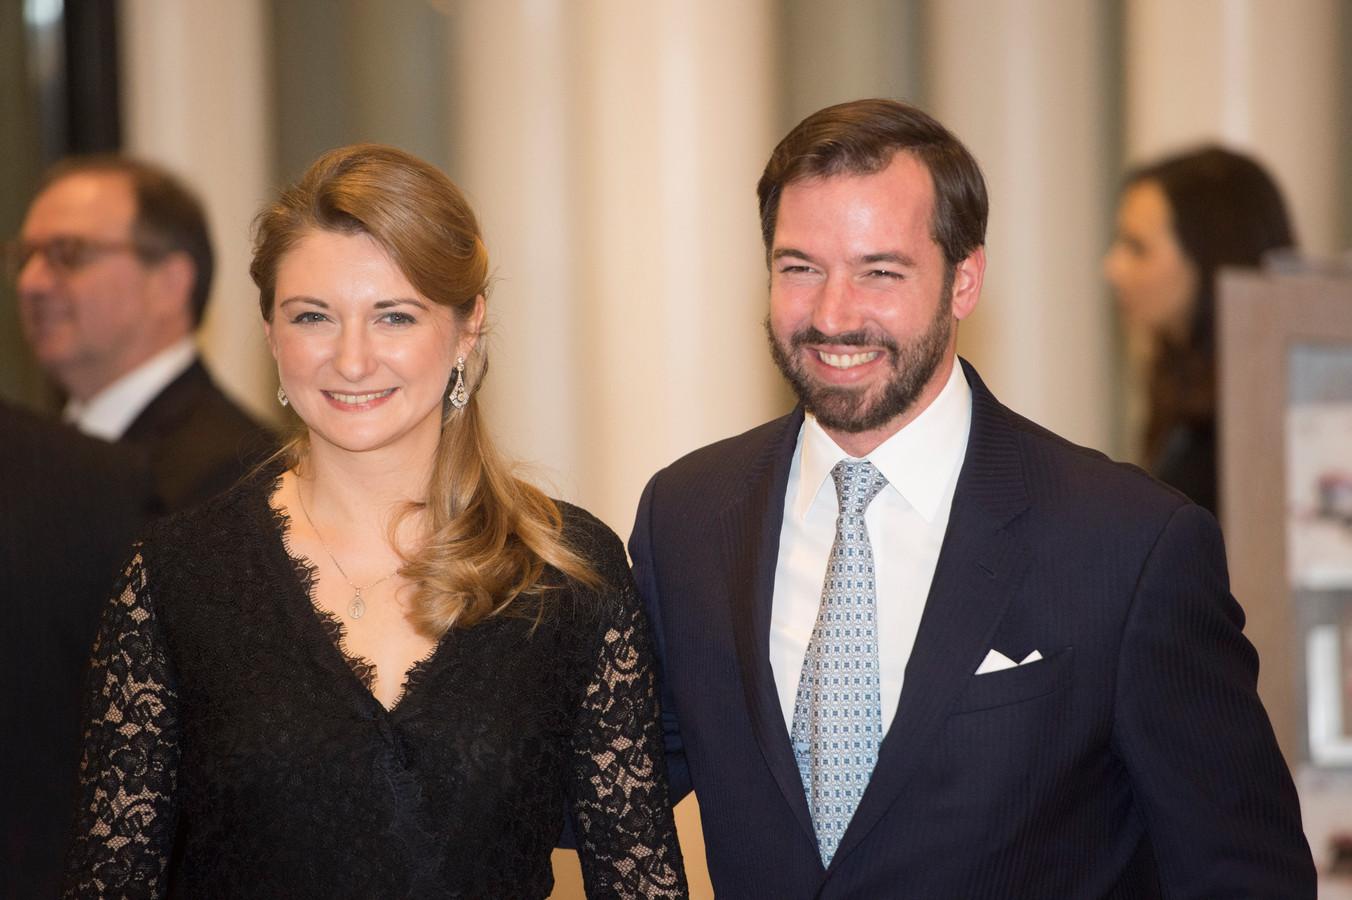 Le grand-duc héritier Guillaume de Luxembourg et son épouse Stéphanie attendent leur premier enfant après 7 ans de mariage